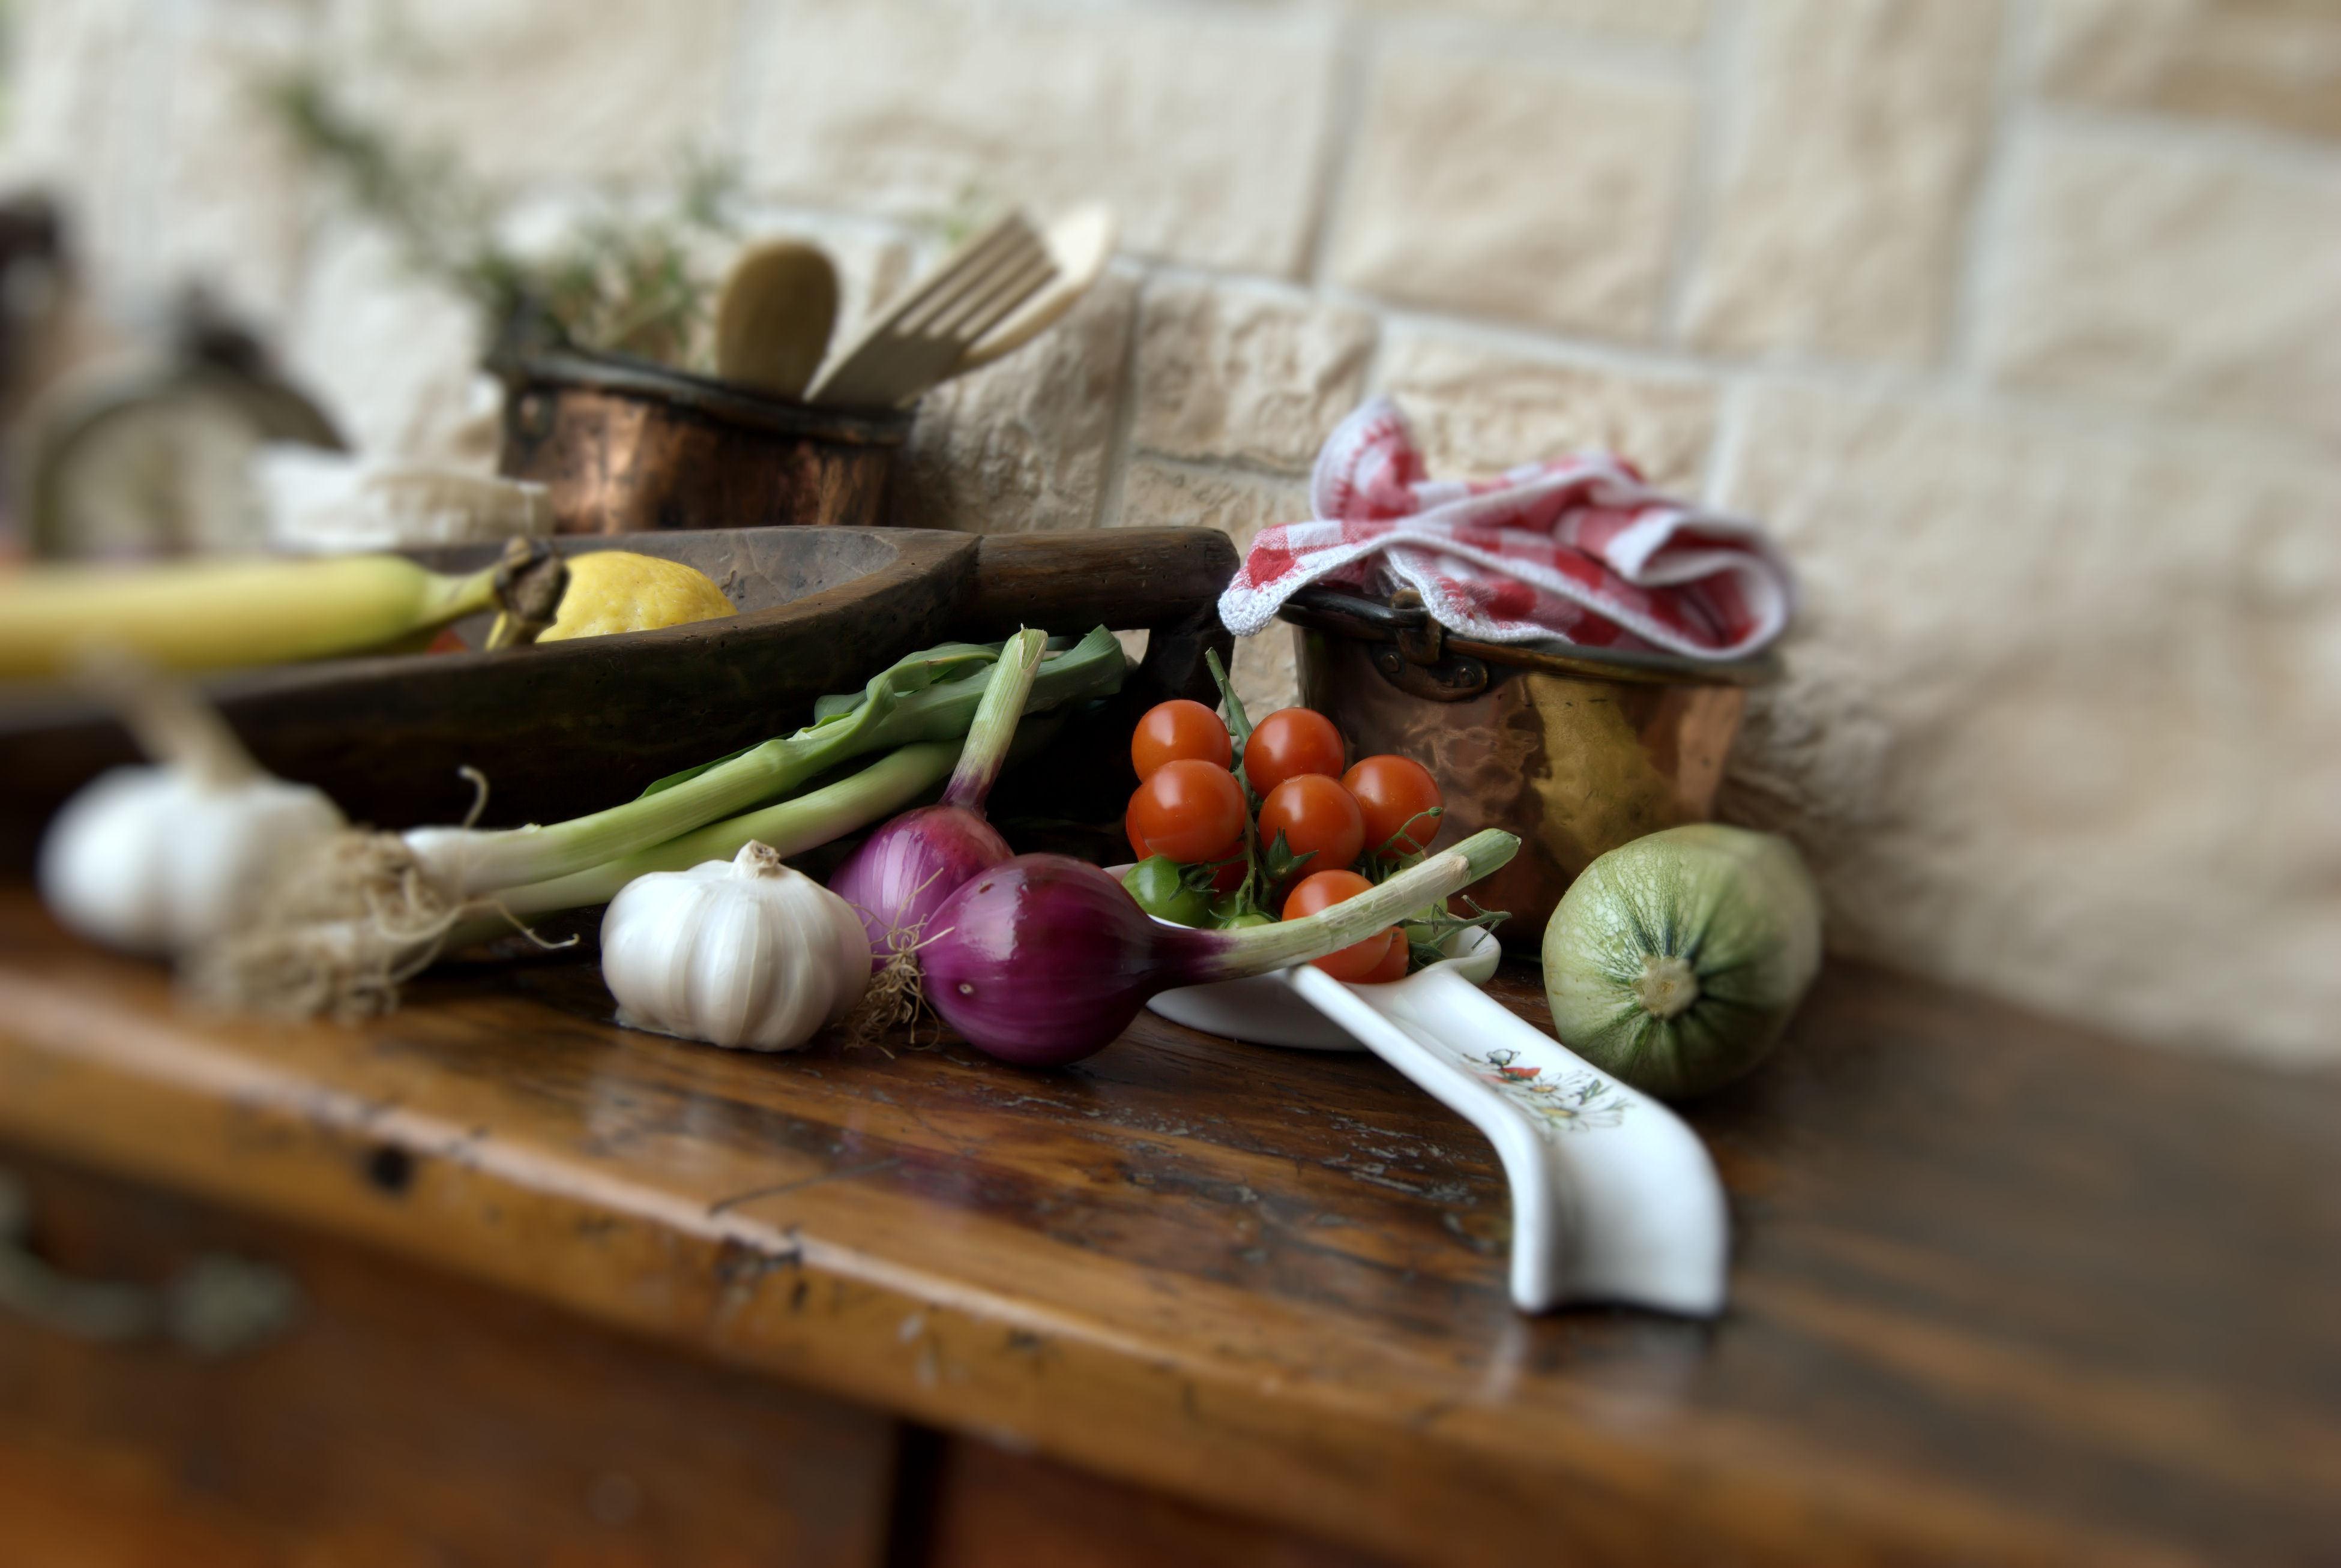 Φρούτα και λαχανικά του μήνα: Μάιος